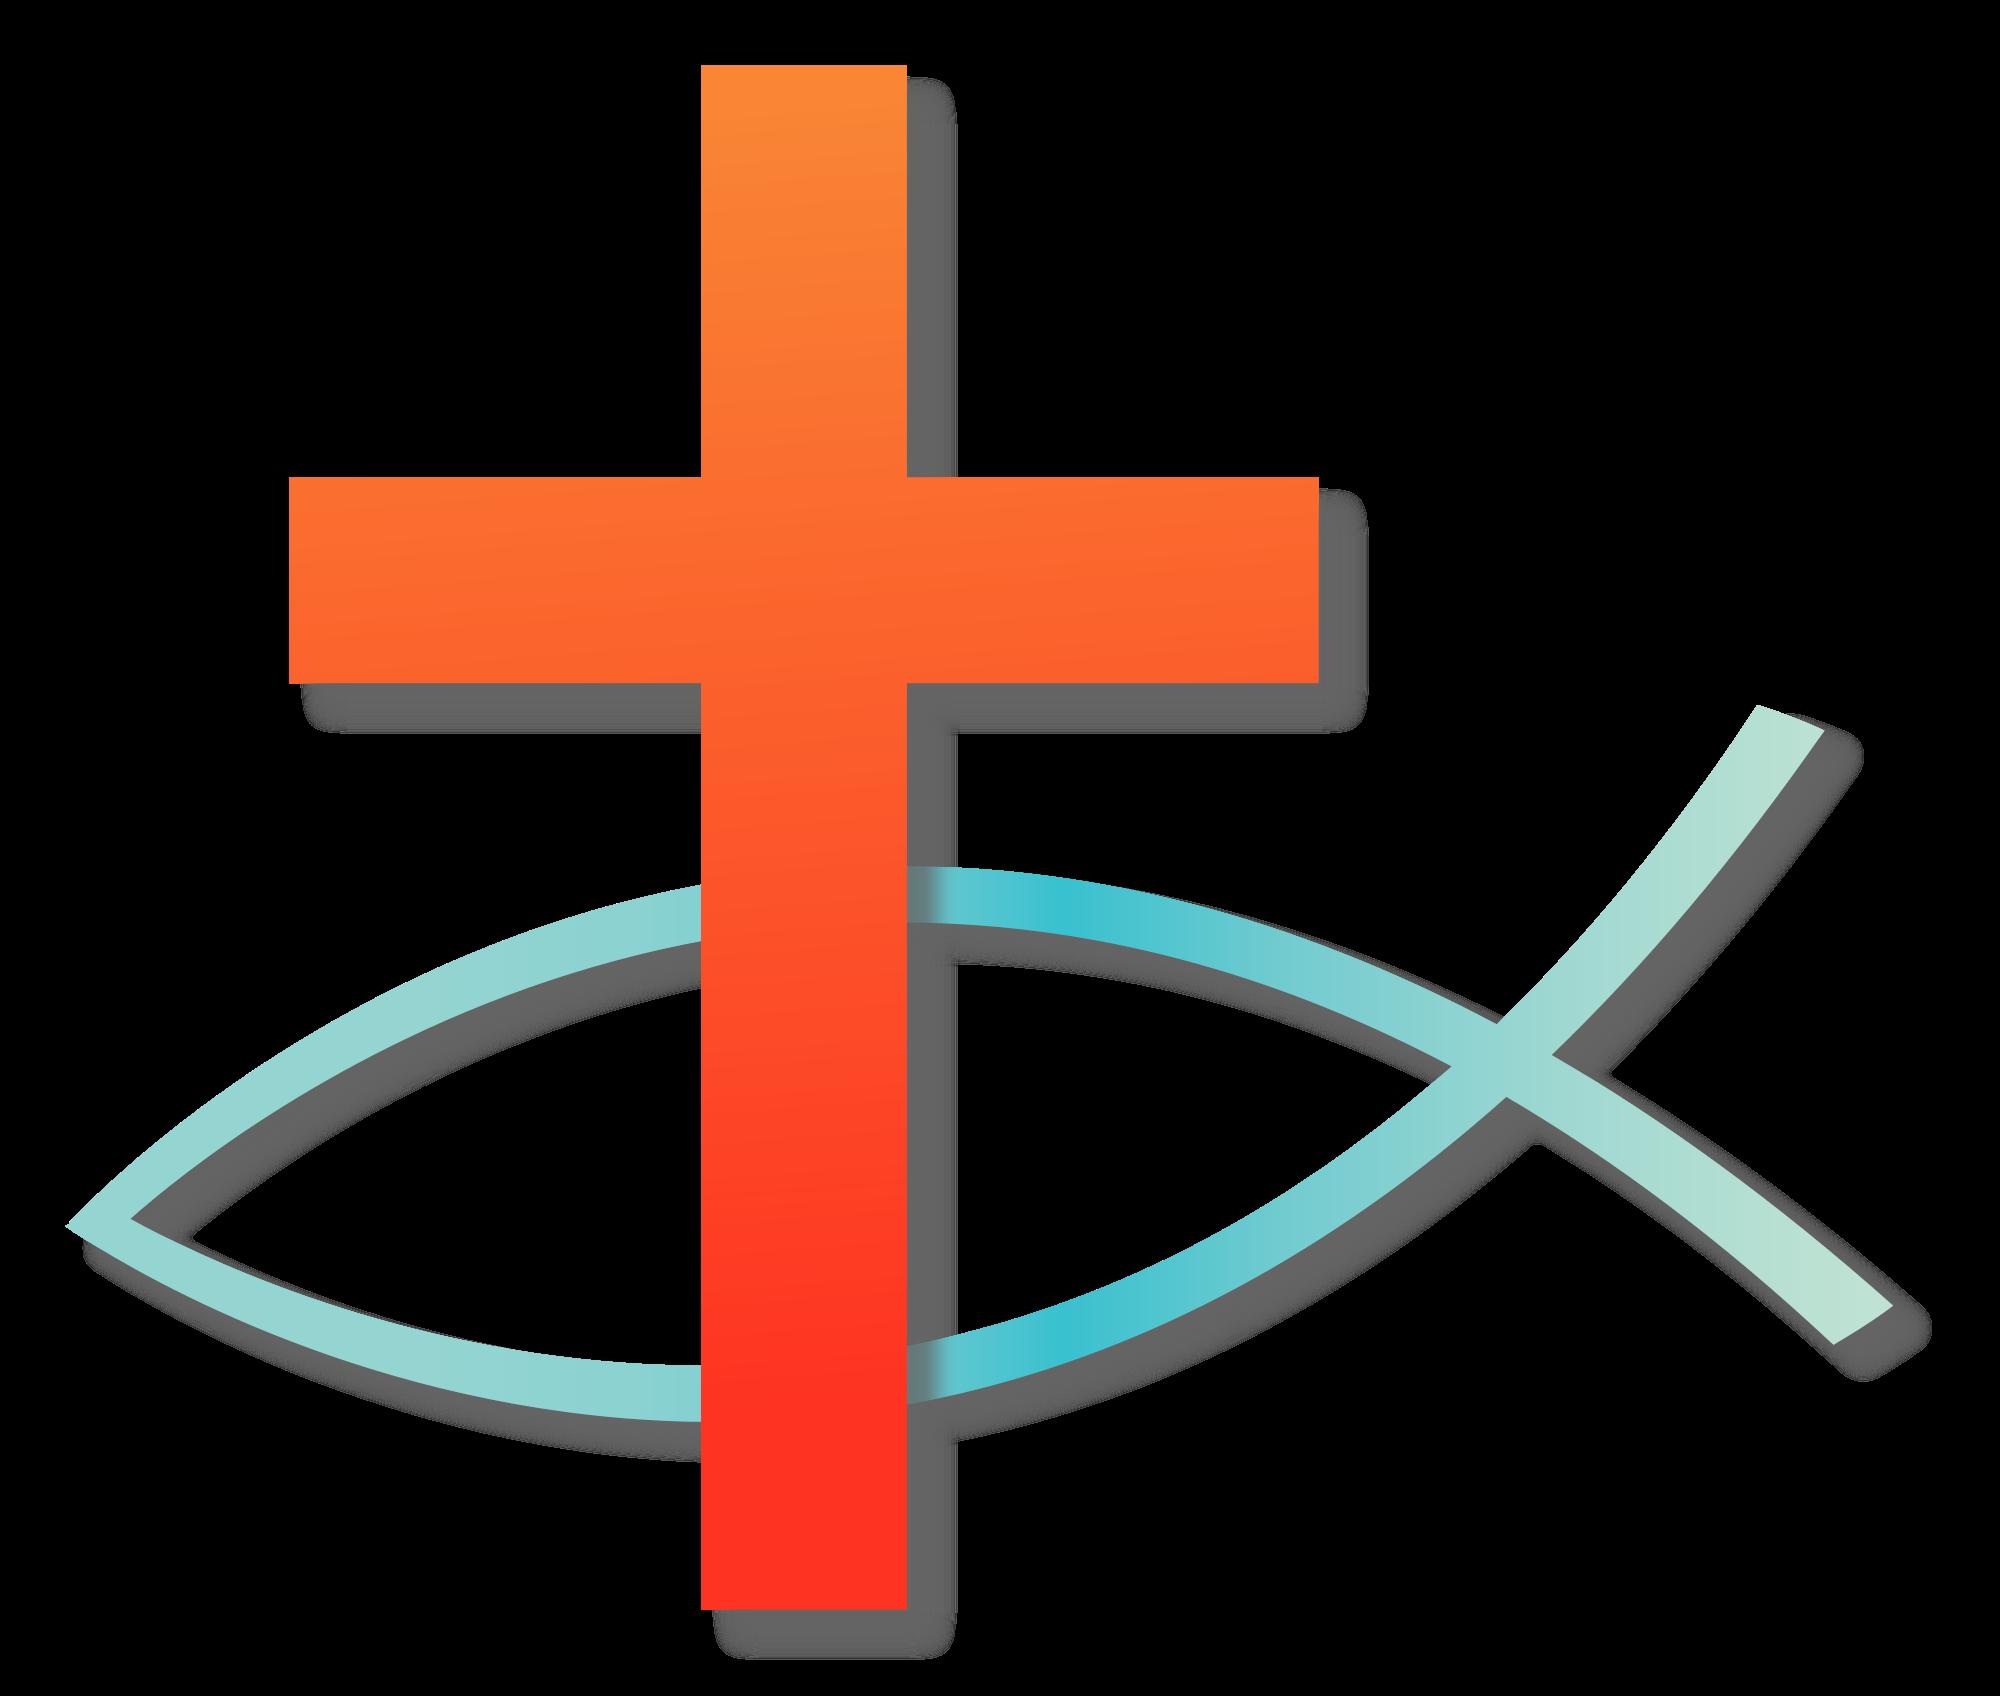 Protestant Symbols Free Download Best Protestant Symbols On